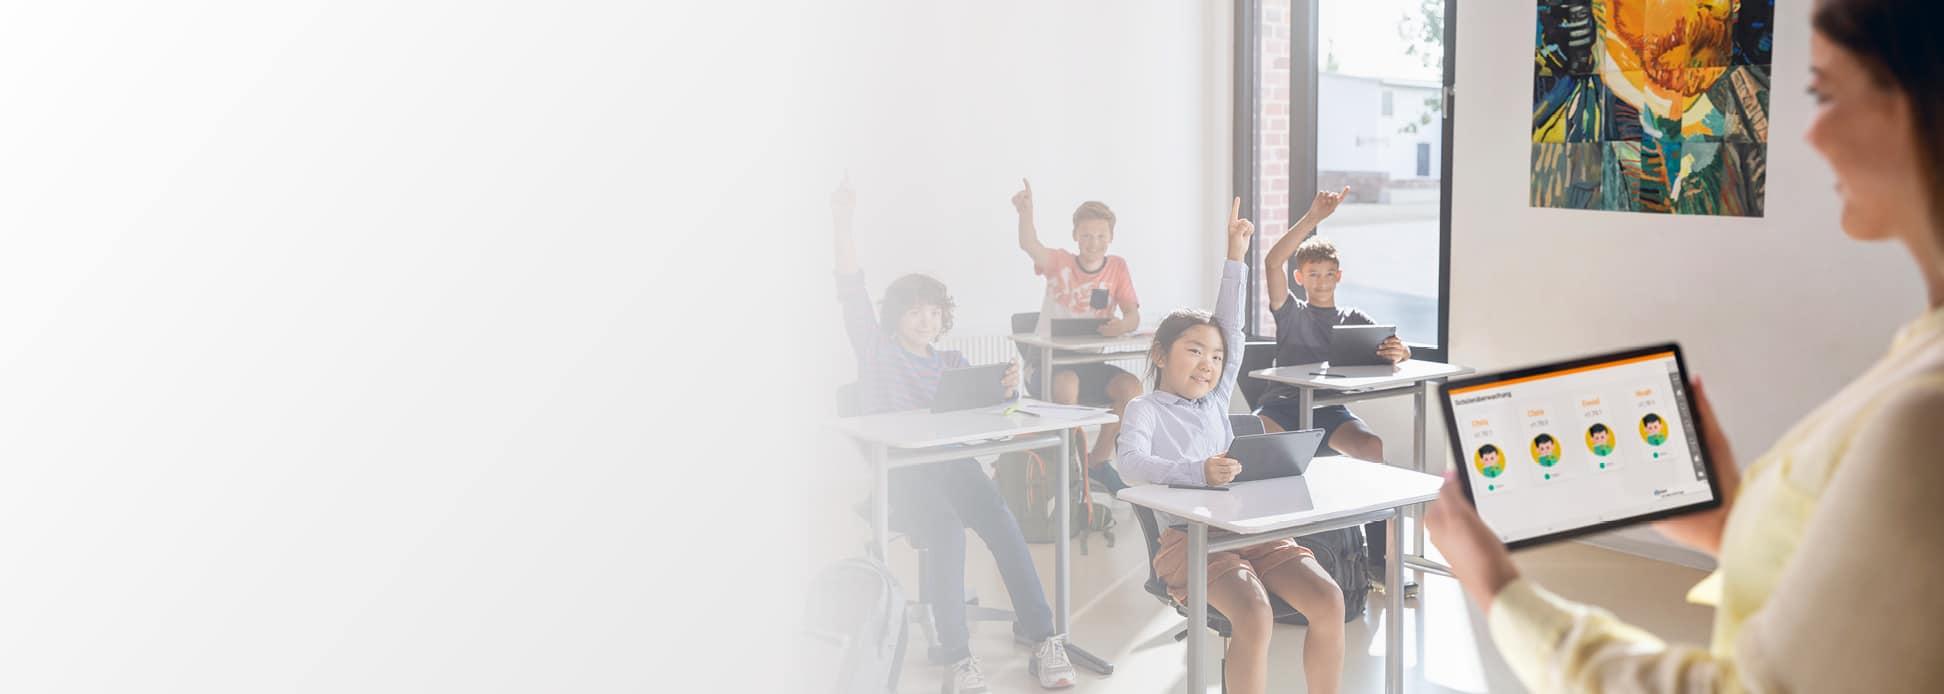 samsung neues lernen Digitalisierung von Schulen